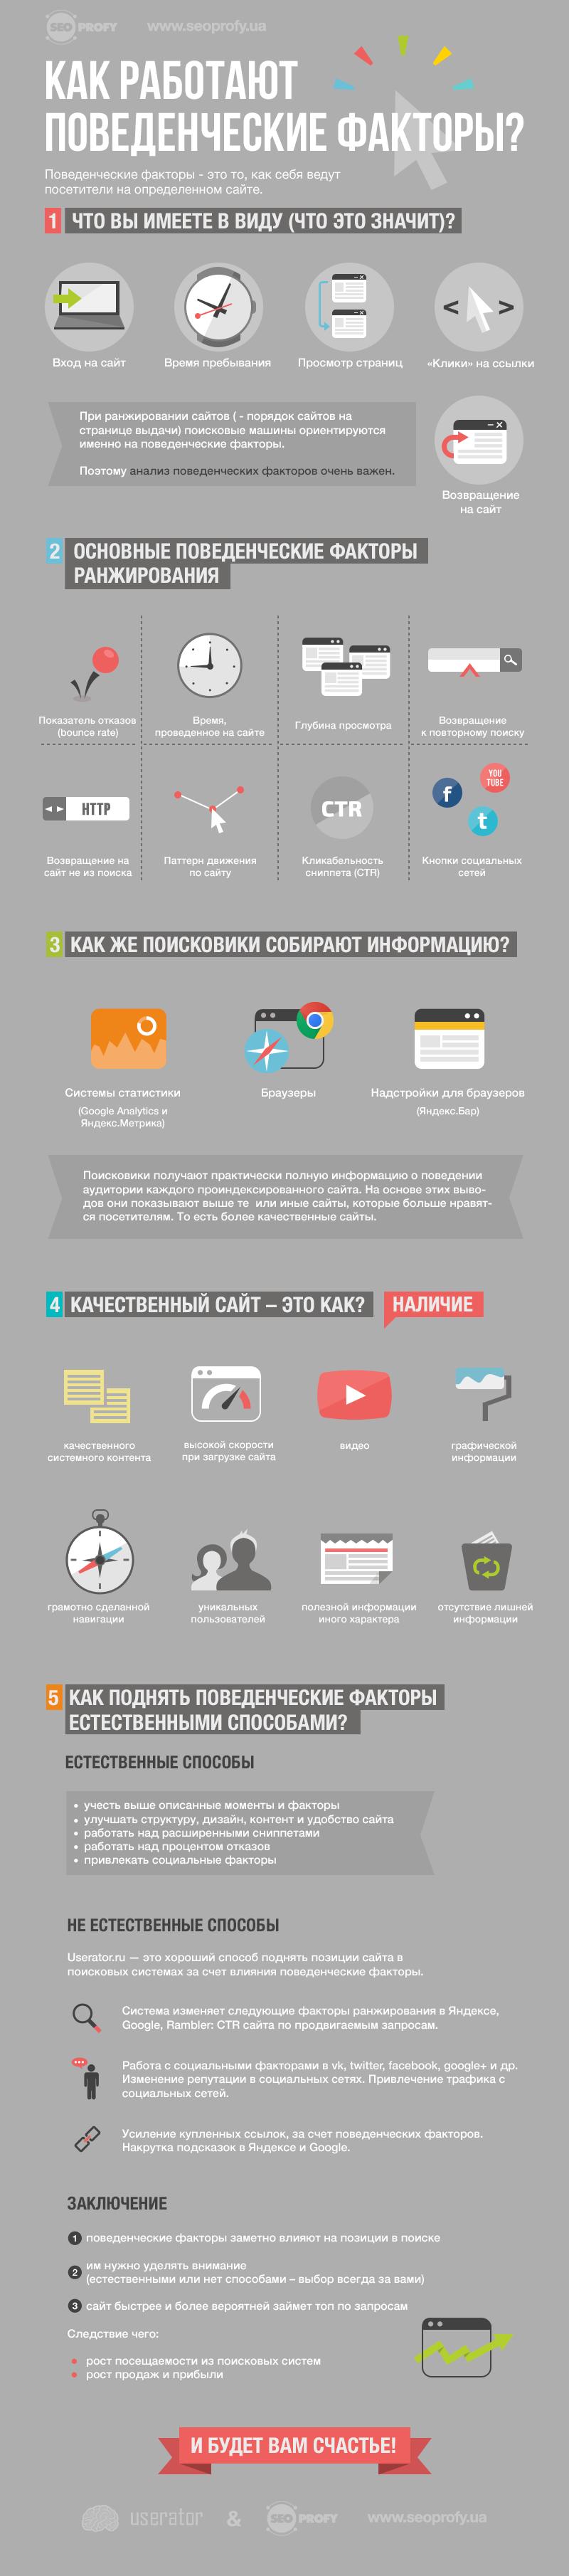 Полезная инфографика о поведенческих факторах сайта